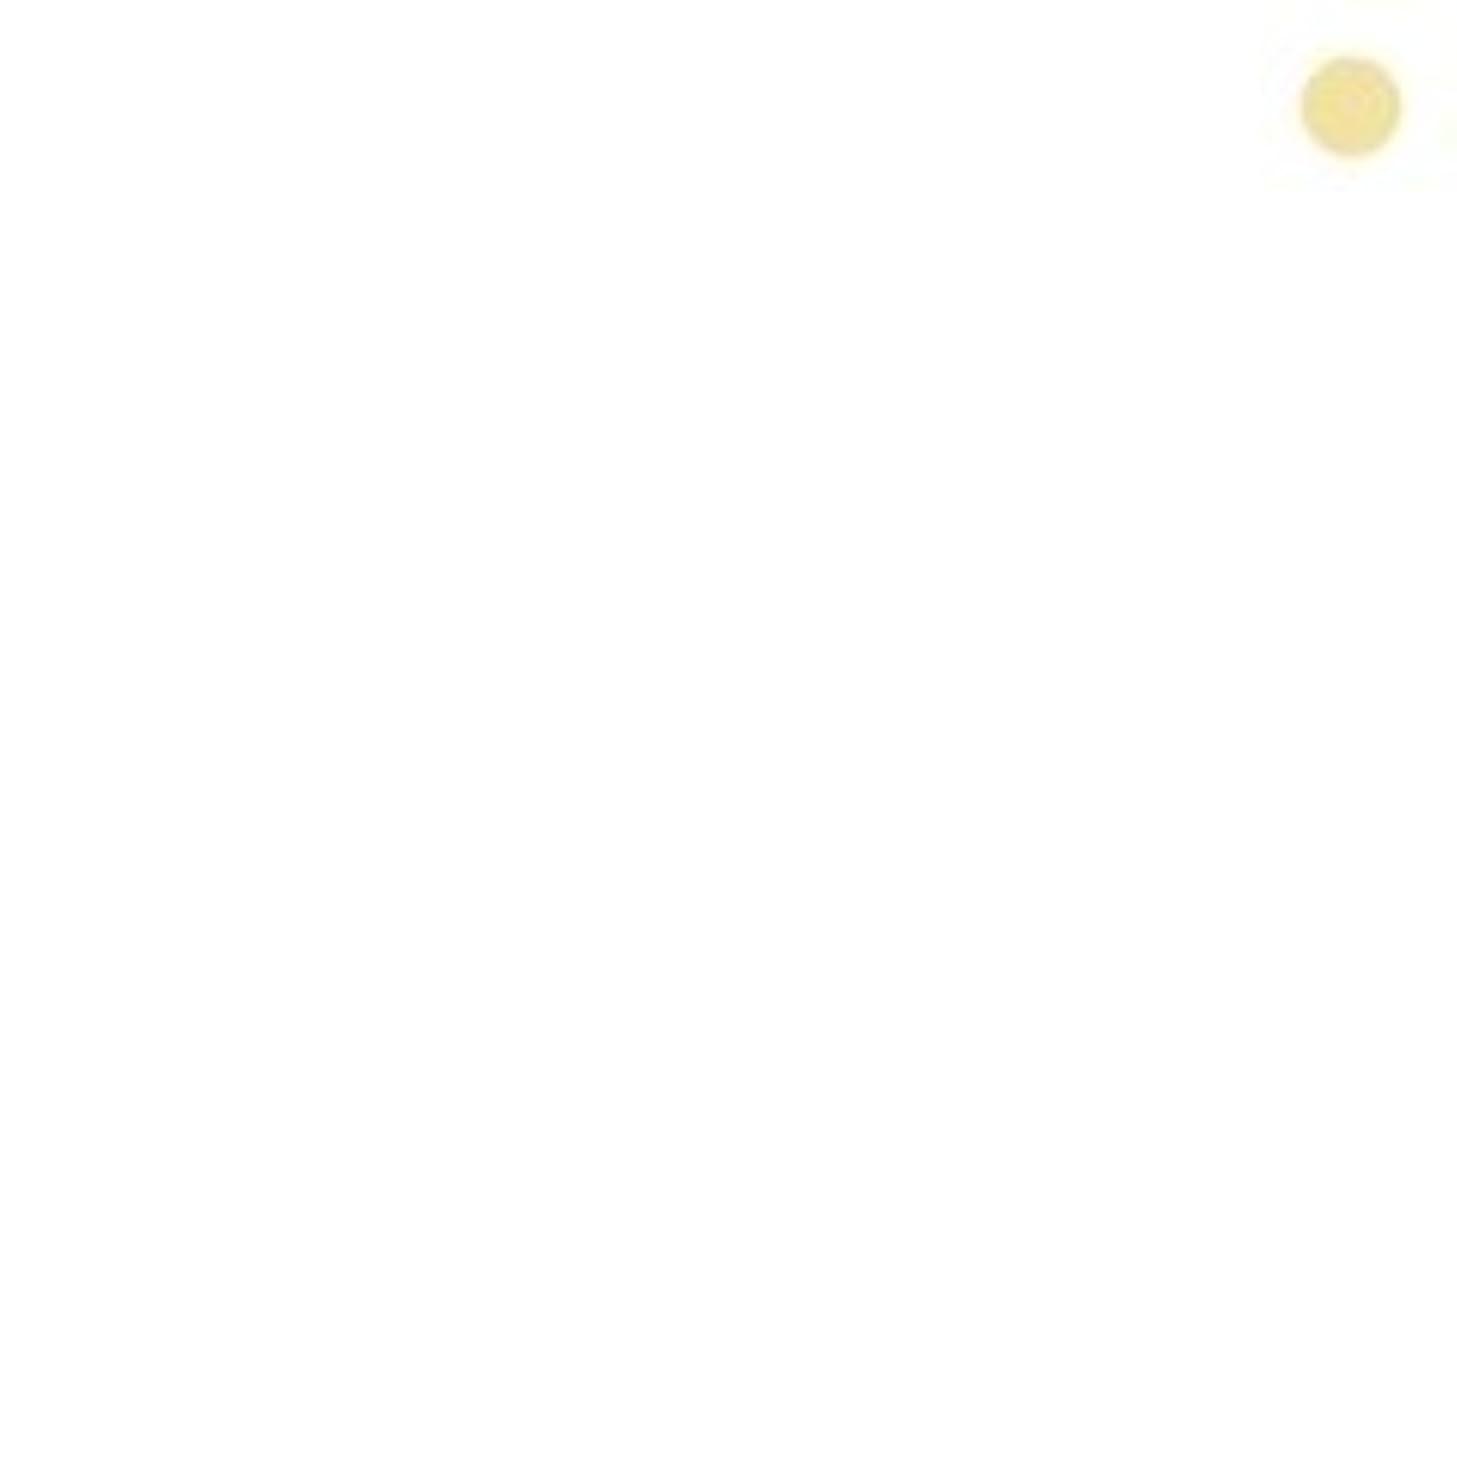 社会科挑発するメンタリティ【カバーマーク】ジャスミーカラー パウダリーファンデーション #YN10 (レフィル)